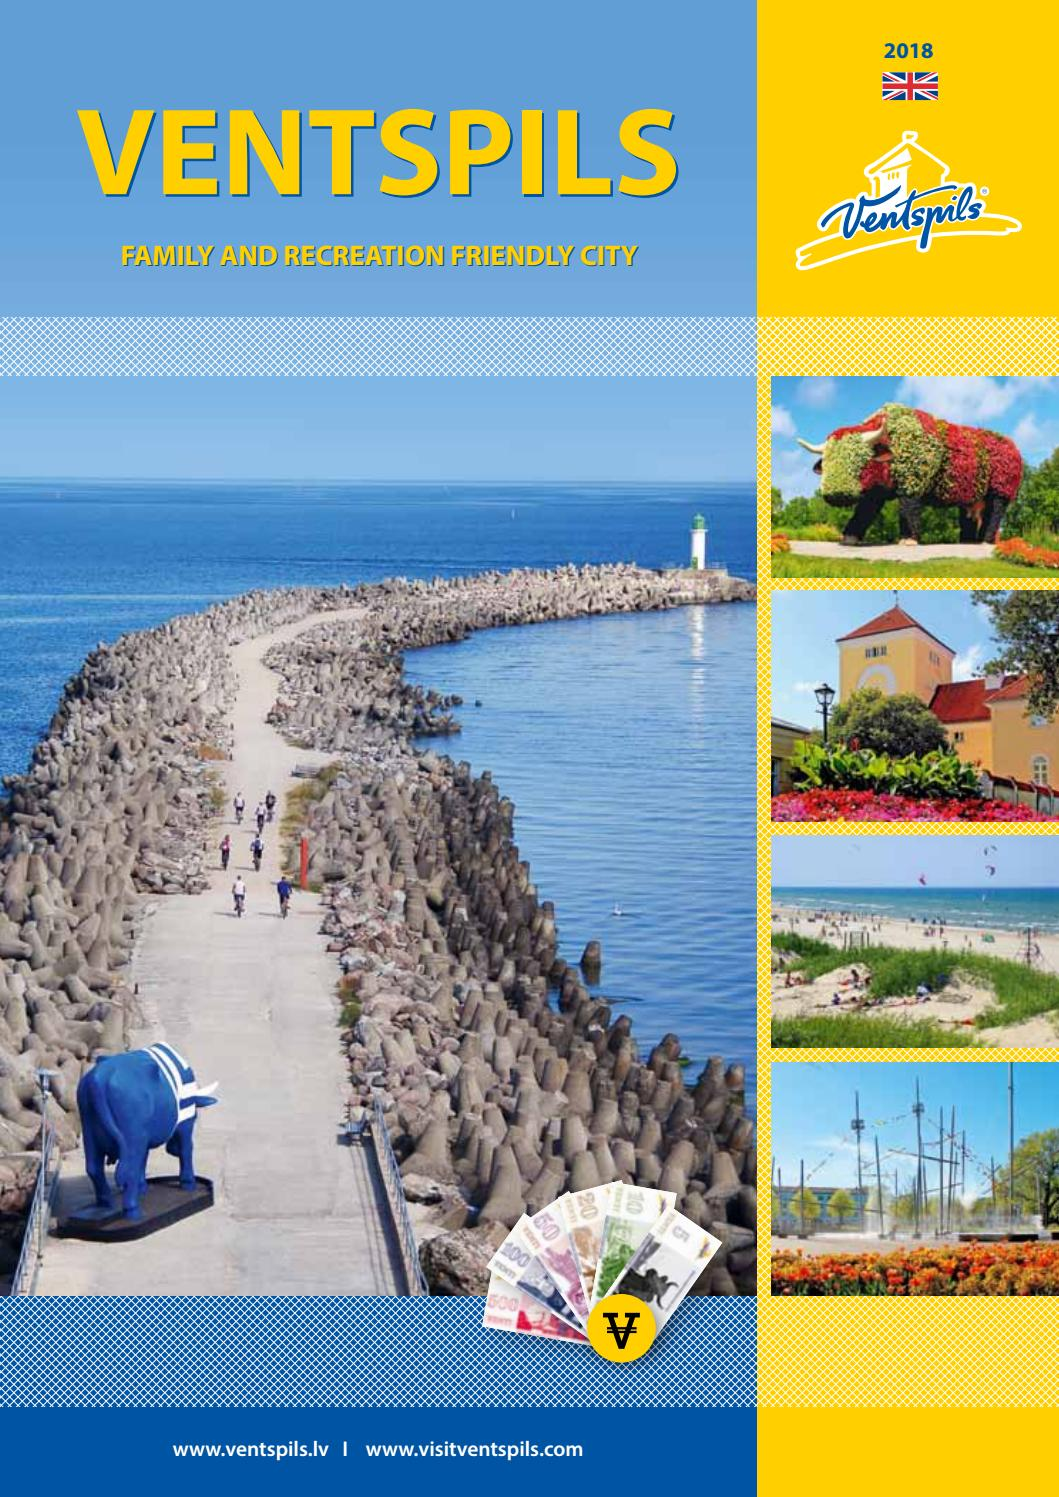 Ventspils Tourism brochure 2018 by Visitventspils - issuu